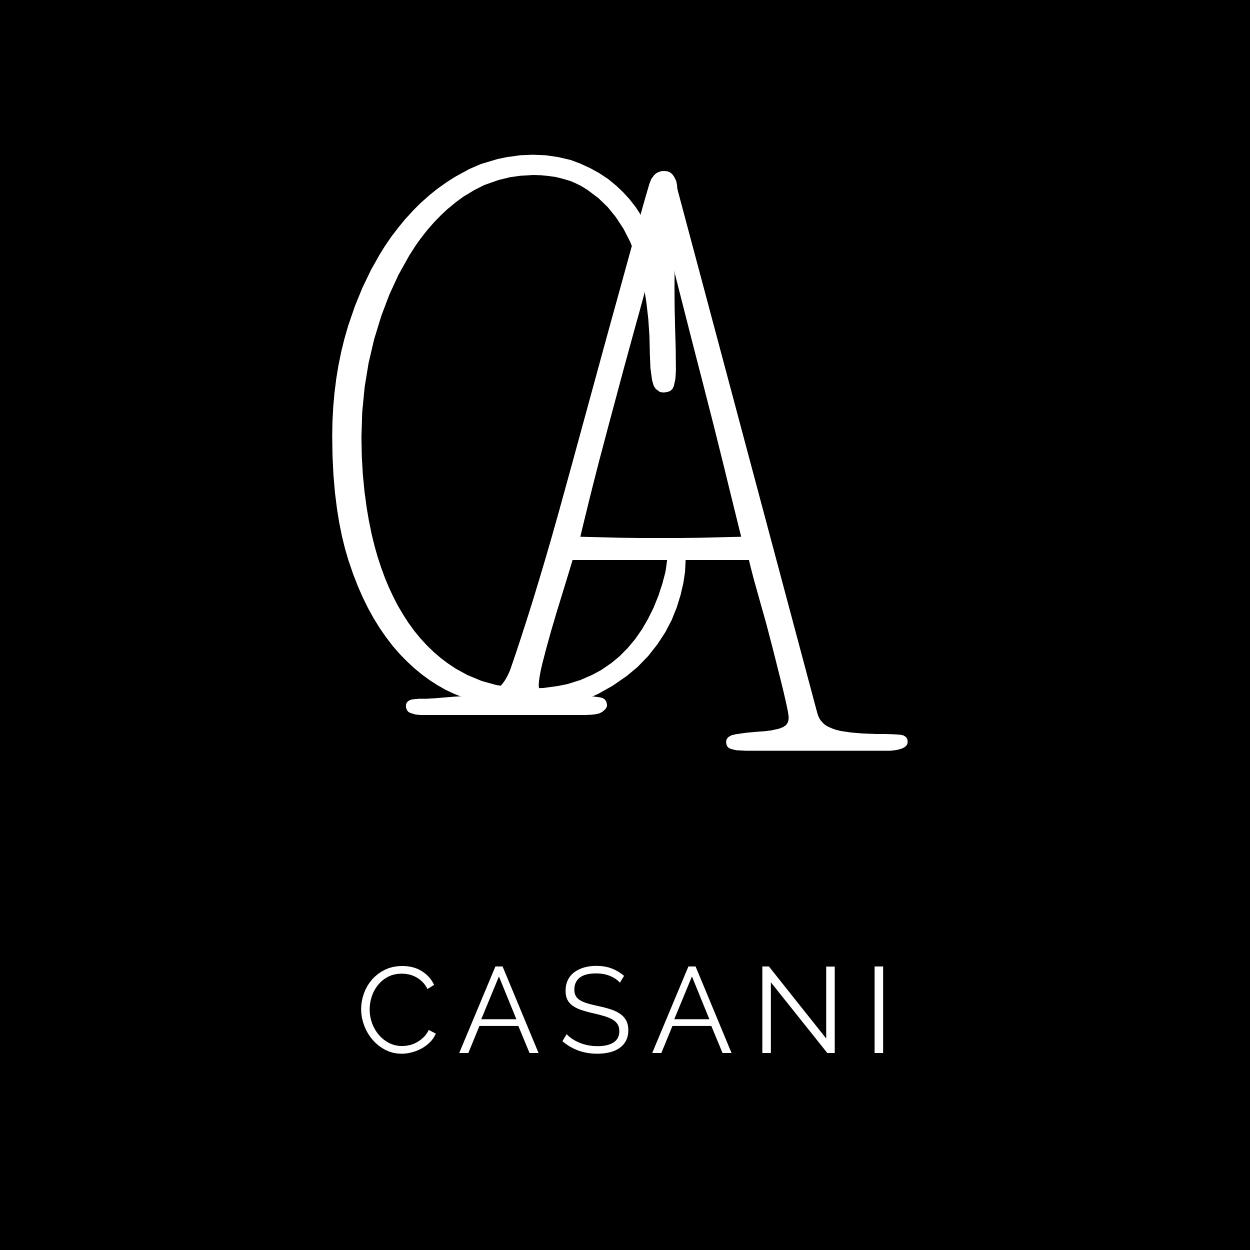 Casani.fi